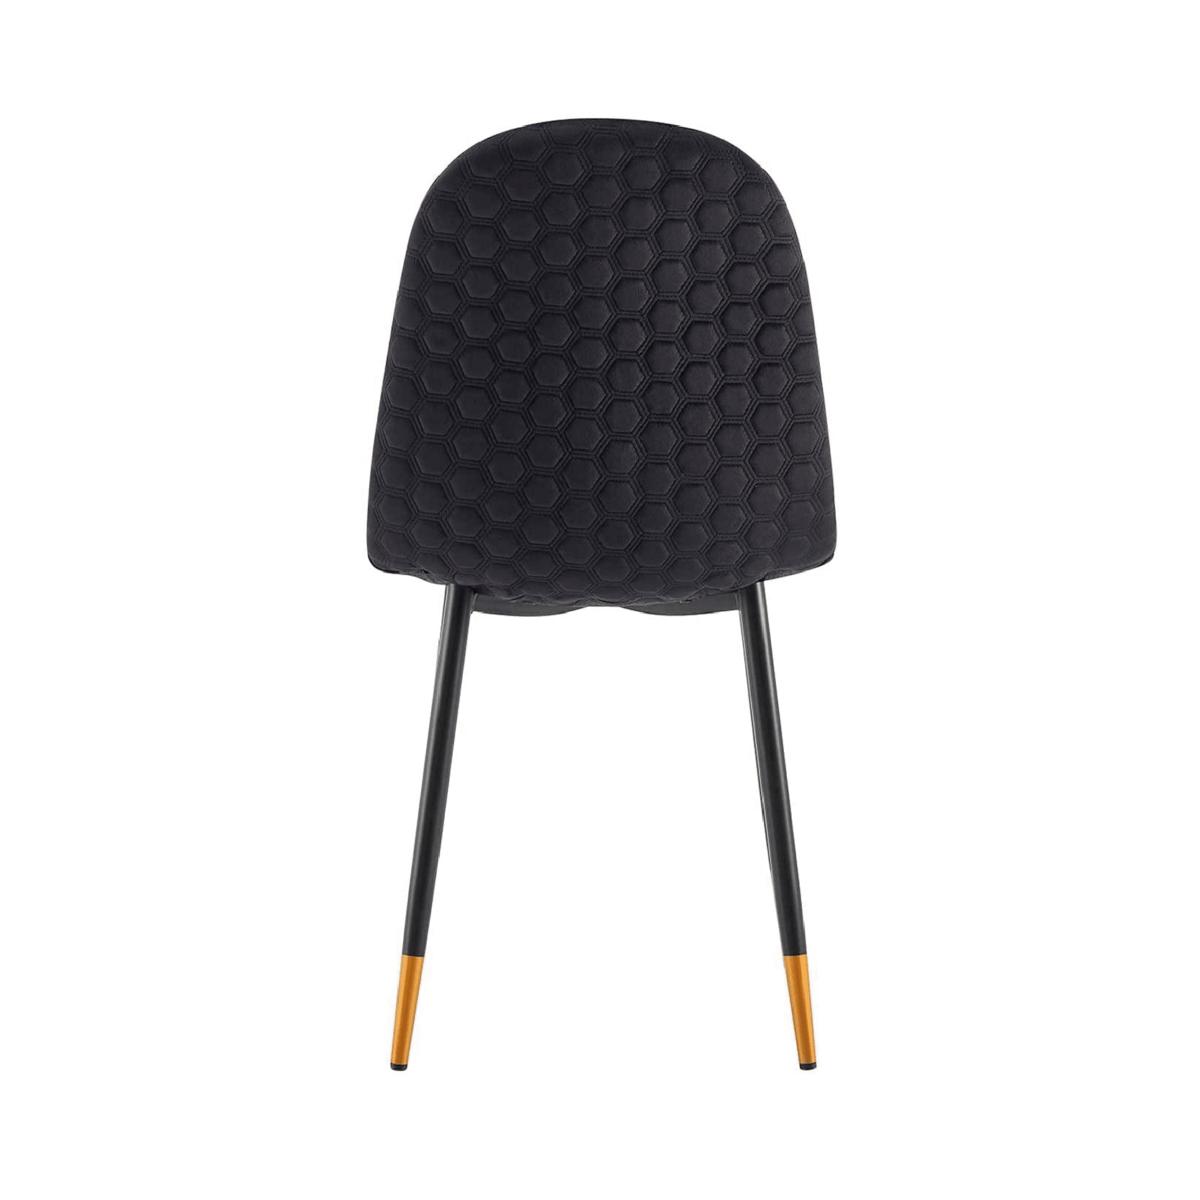 silla-terciopelo-hexa-negra